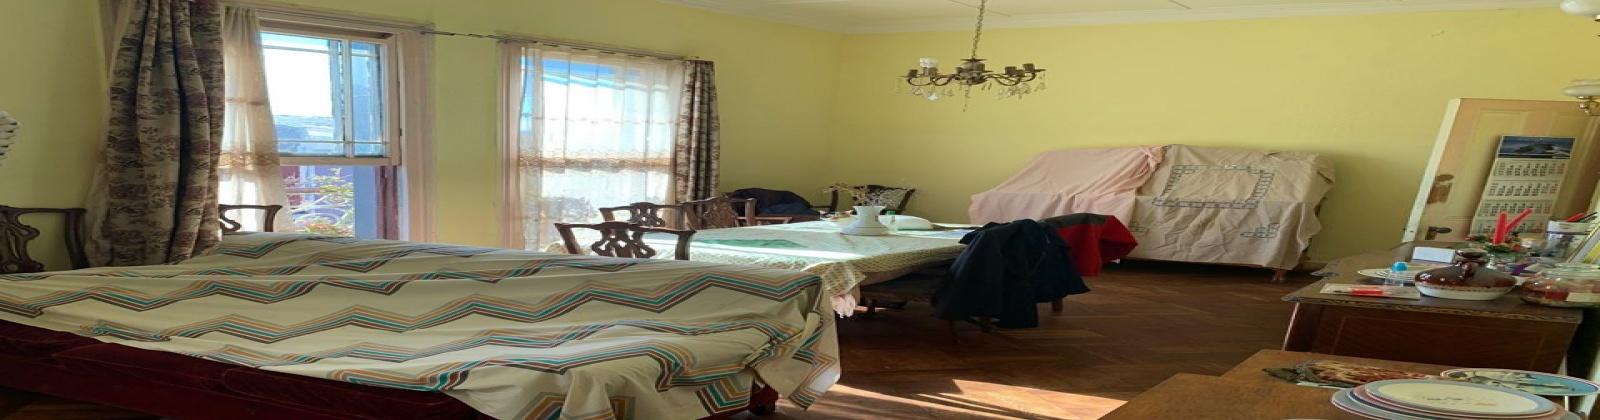 Cerro Alegre, Valparaiso, Región V - Valparaiso, 7 Habitaciones Habitaciones, ,4 BathroomsBathrooms,Casa,Venta,Cerro Alegre,1056